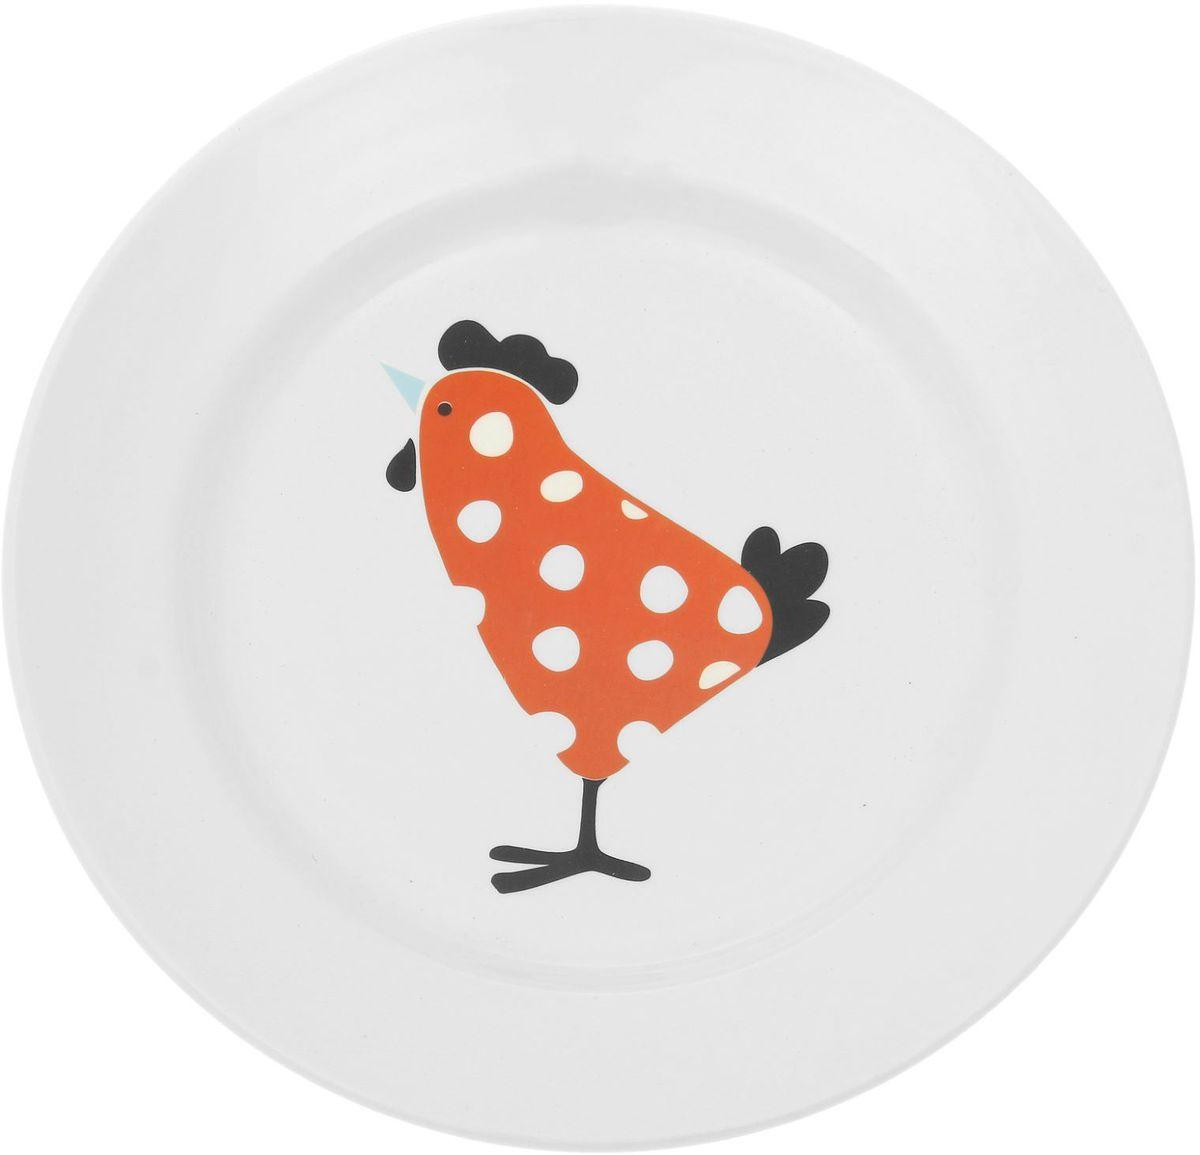 Тарелка мелкая Сотвори чудо My Chicken, диаметр 20 см1828180Хотите обновить интерьер кухни или гостиной? Устраиваете необычную фотосессию или тематический праздник? А может, просто ищете подарок для близкого человека? Посуда Сотвори Чудо — правильный выбор в любой ситуации. Тарелка Сотвори Чудо, изготовленная из изящного фаянса нежного сливочного цвета, оформлена оригинальным рисунком со стойкой краской. Пригодна для посудомоечной машины.